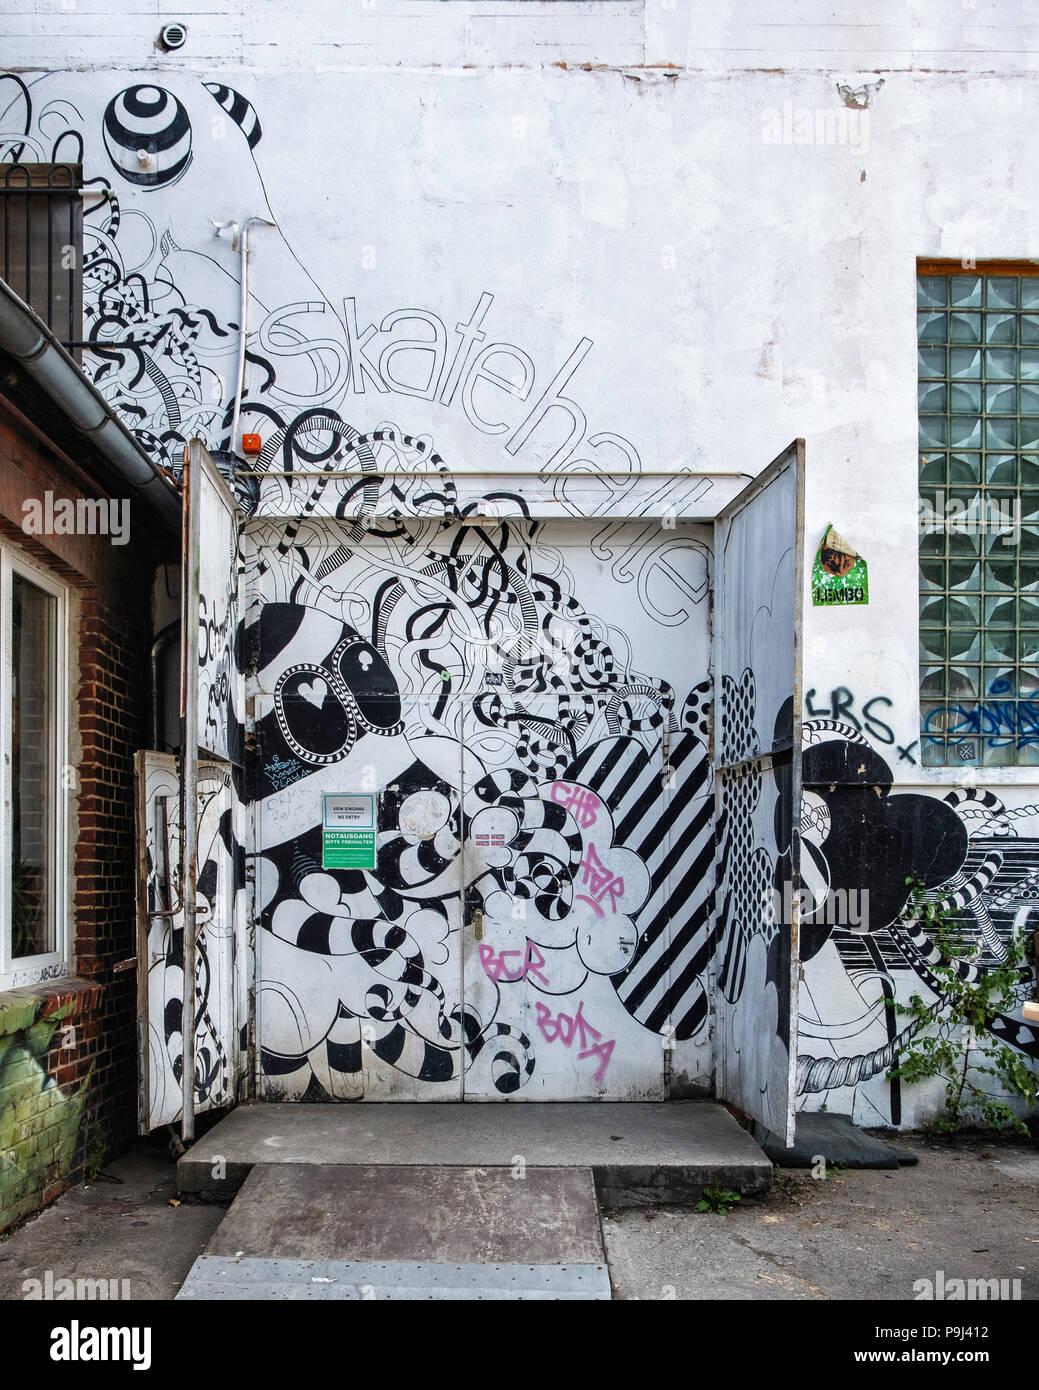 Berlin, Friedrichshain, RAW Gelände. Skatehalle skate boarding hall emergency exit with black & white artwork - Stock Image